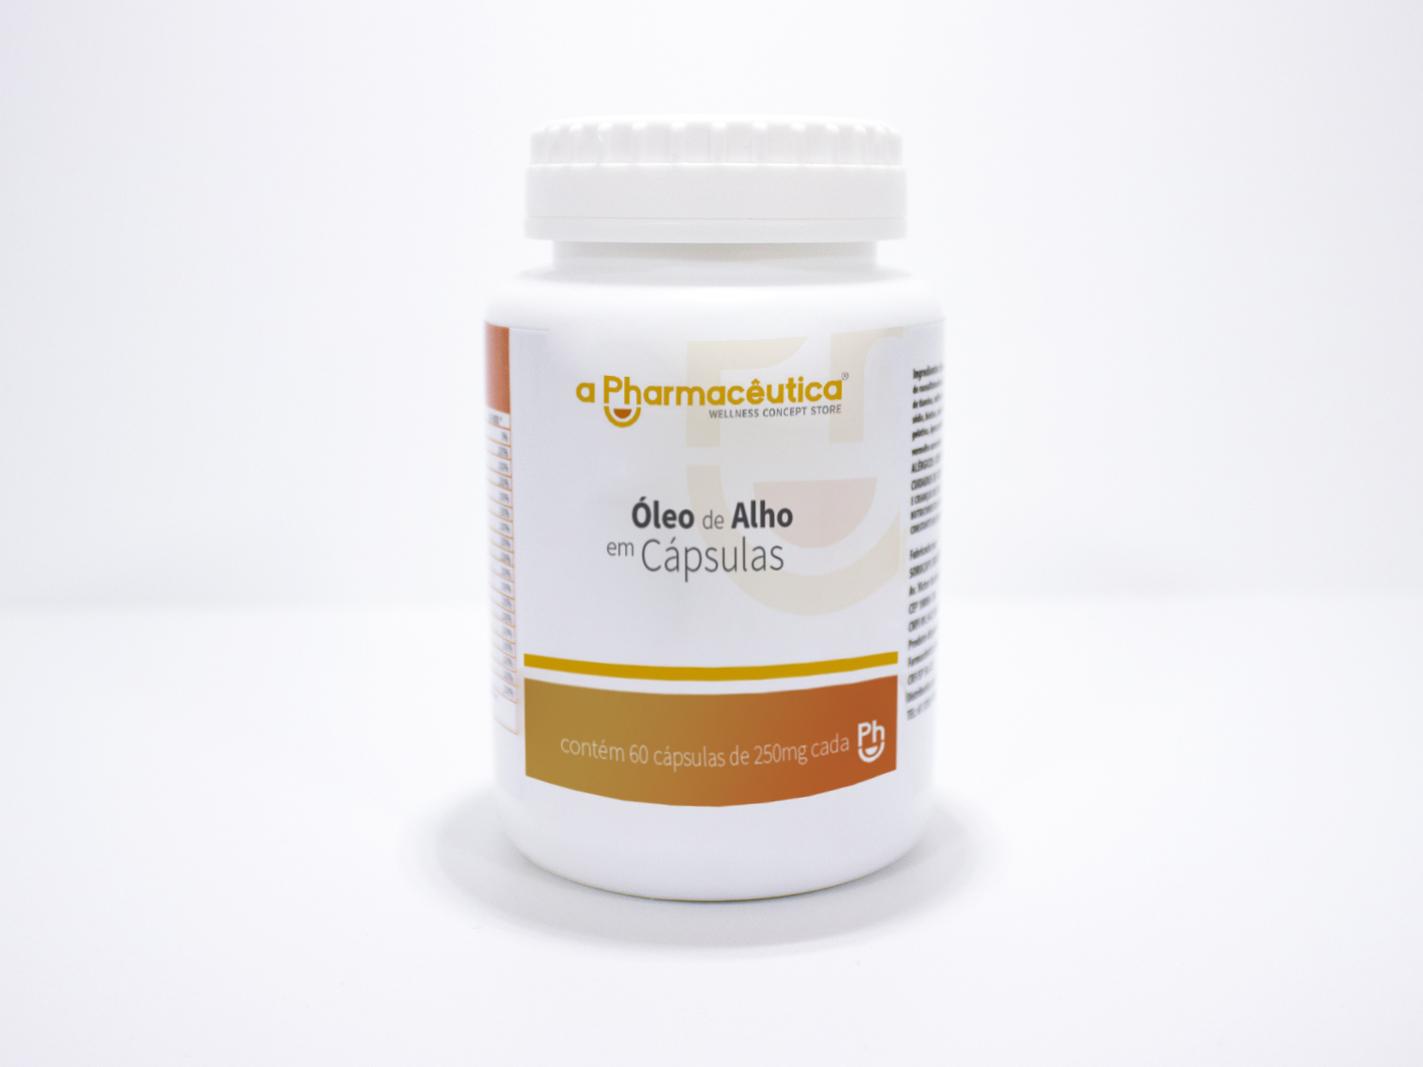 óleo de alho em capsulas